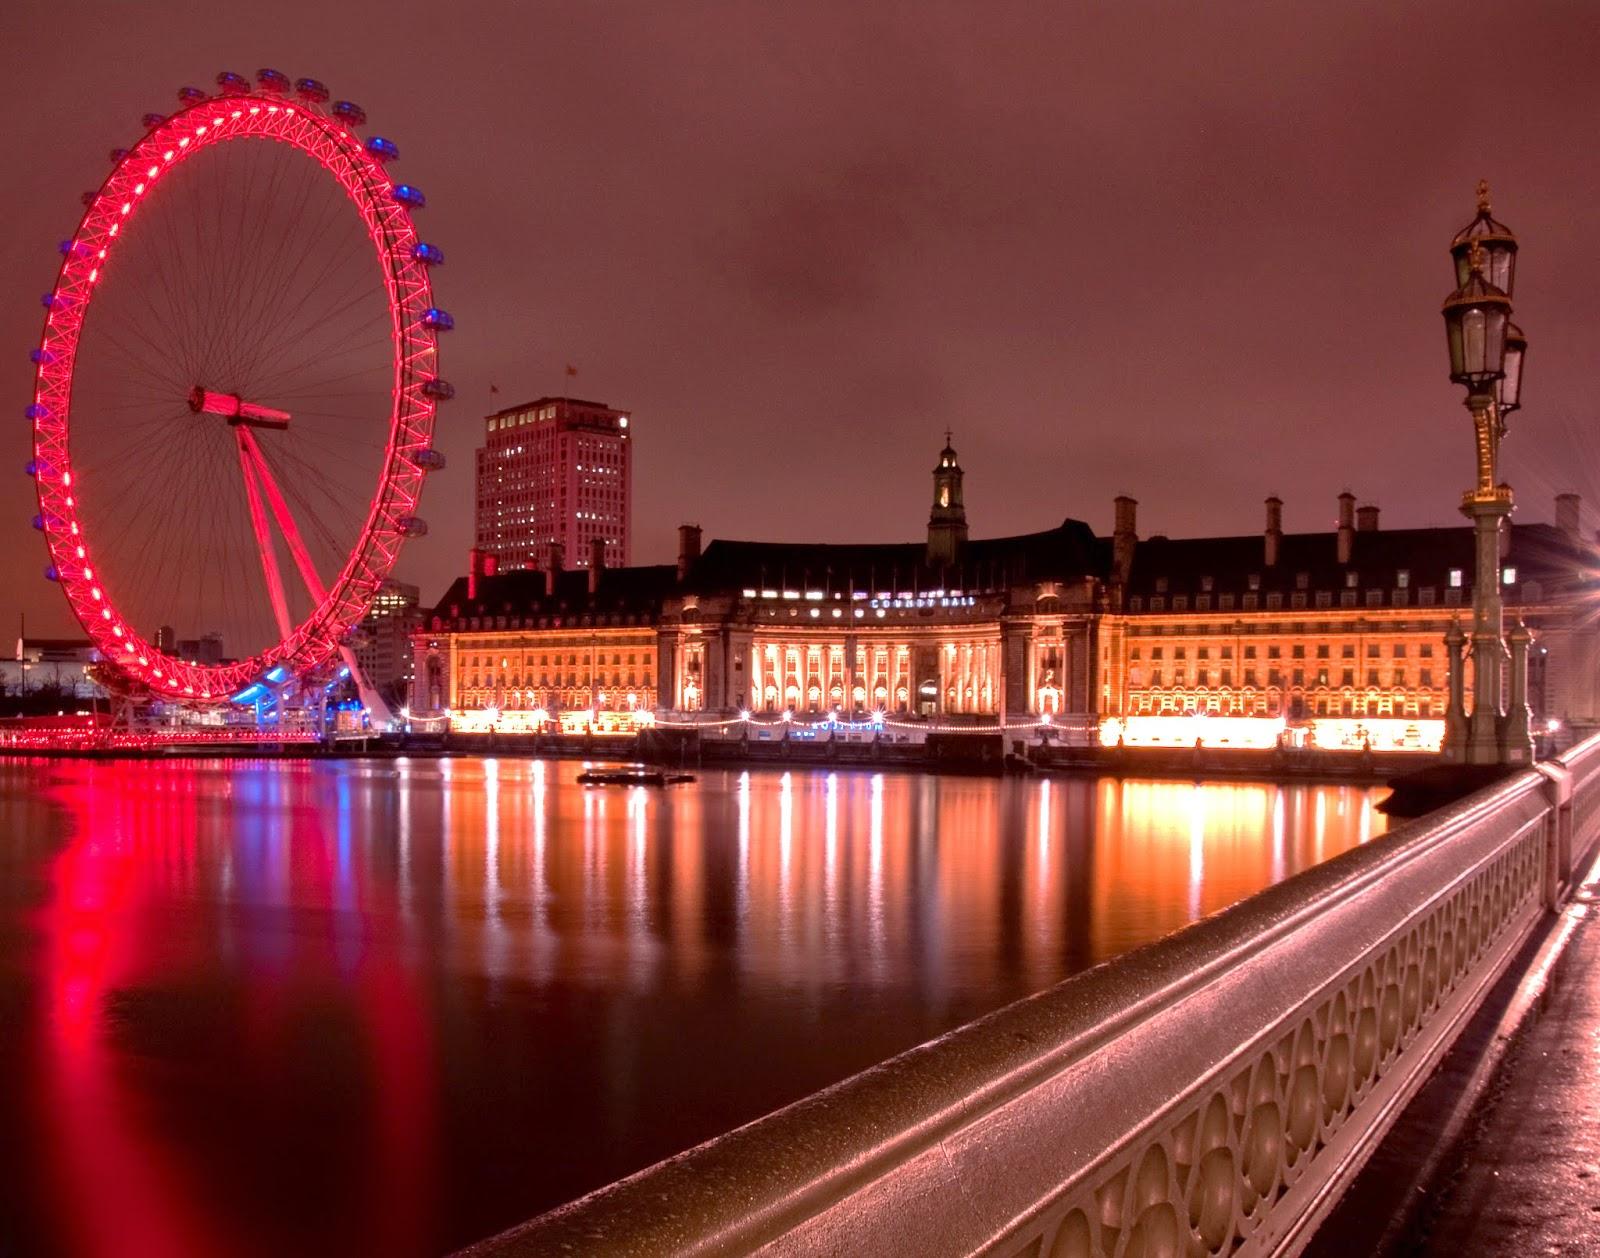 La maestosa London Eye di Londra, colorata di rosso per questo evento annuale